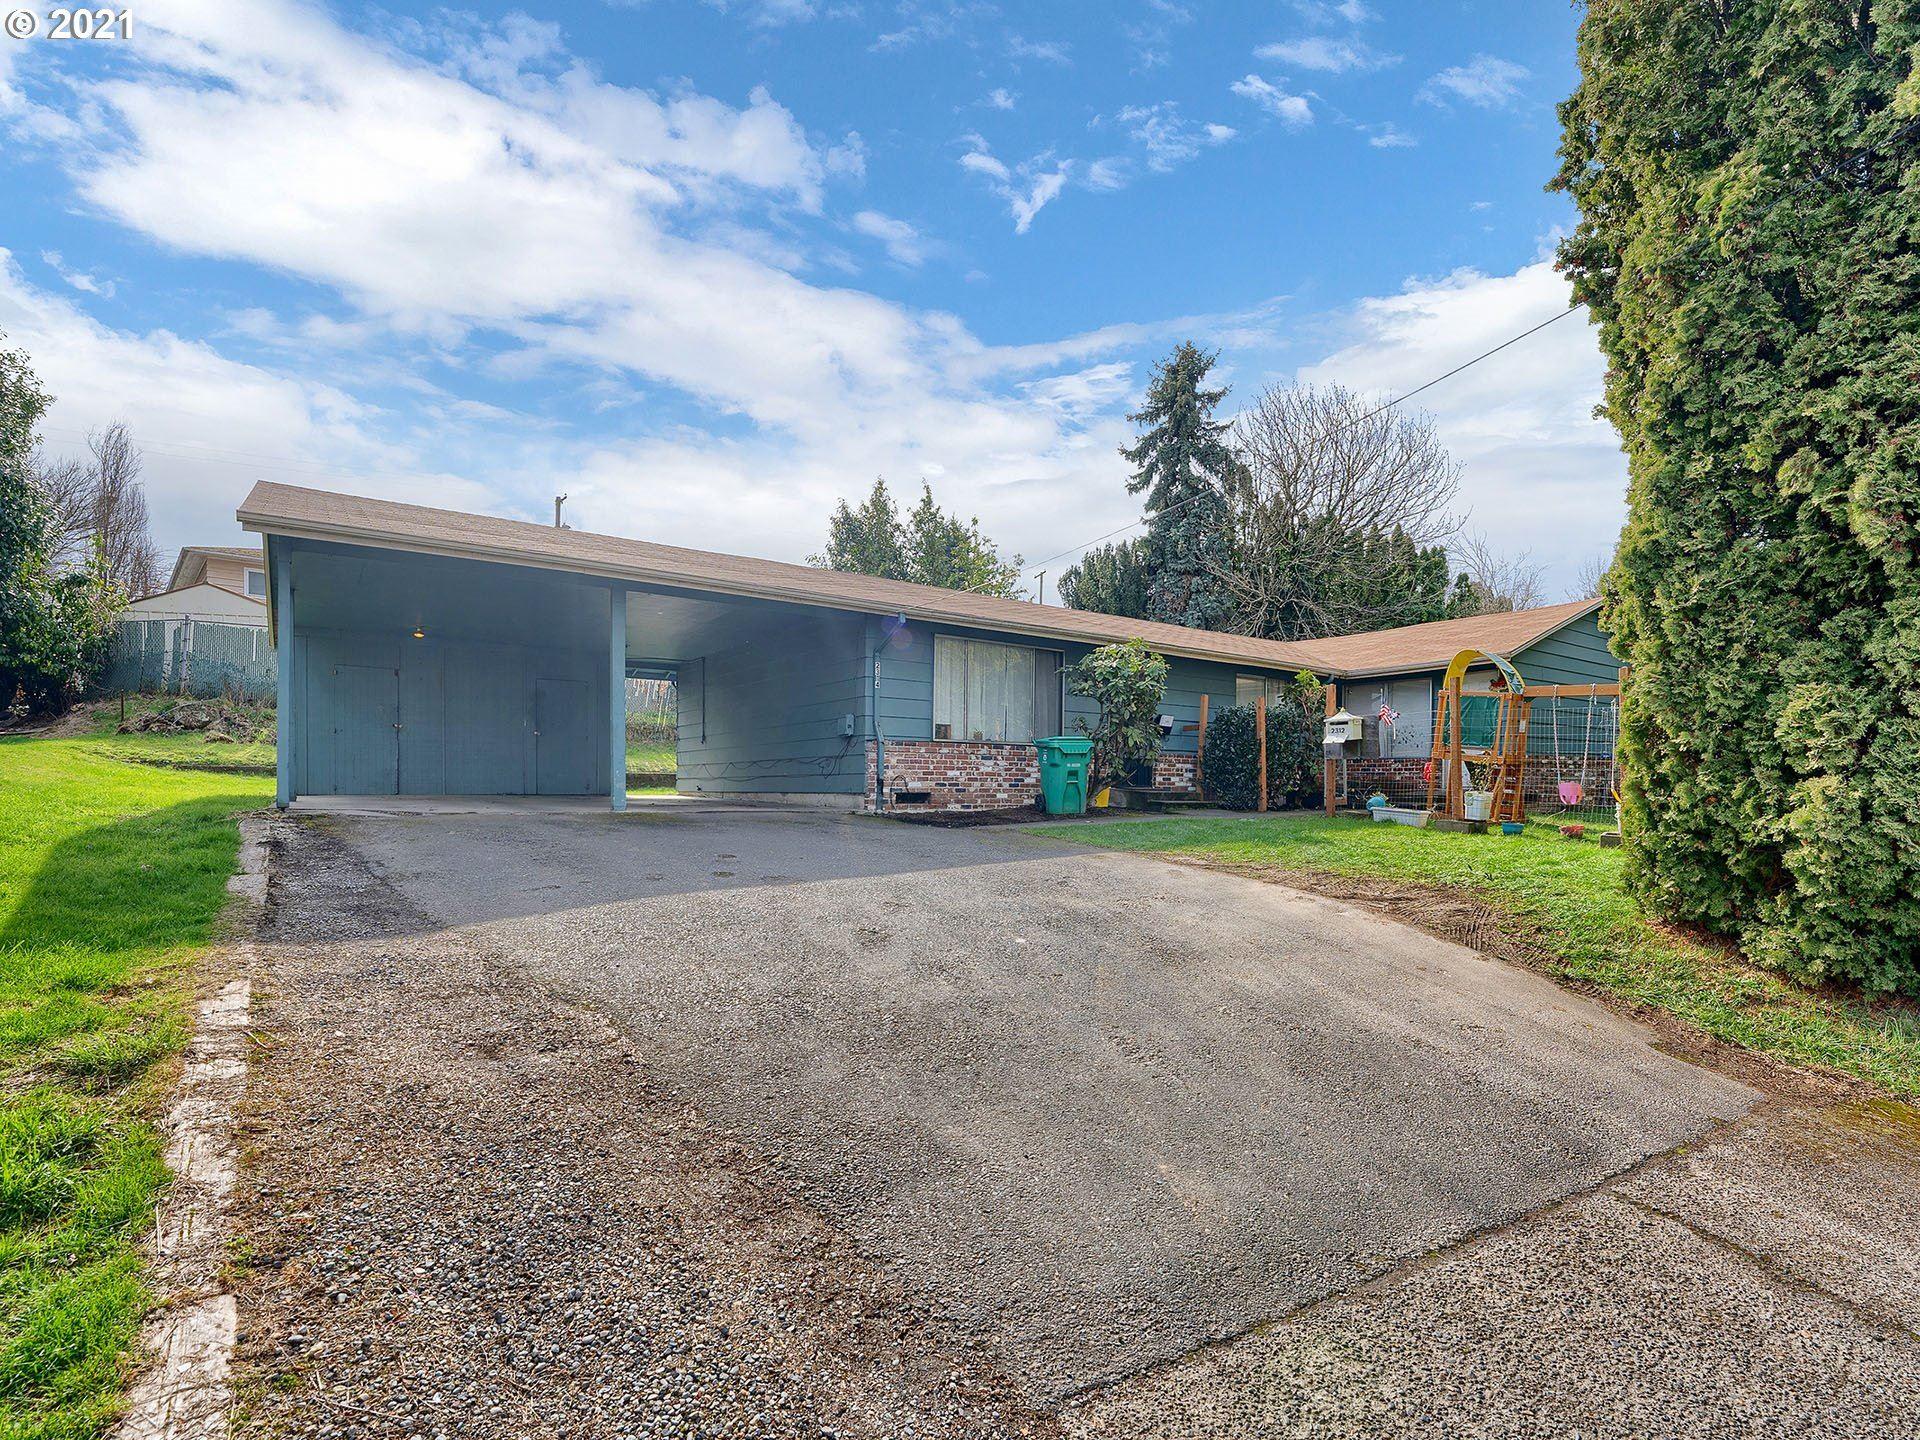 2312 NE LOMBARD ST, Portland, OR 97211 - MLS#: 21490026